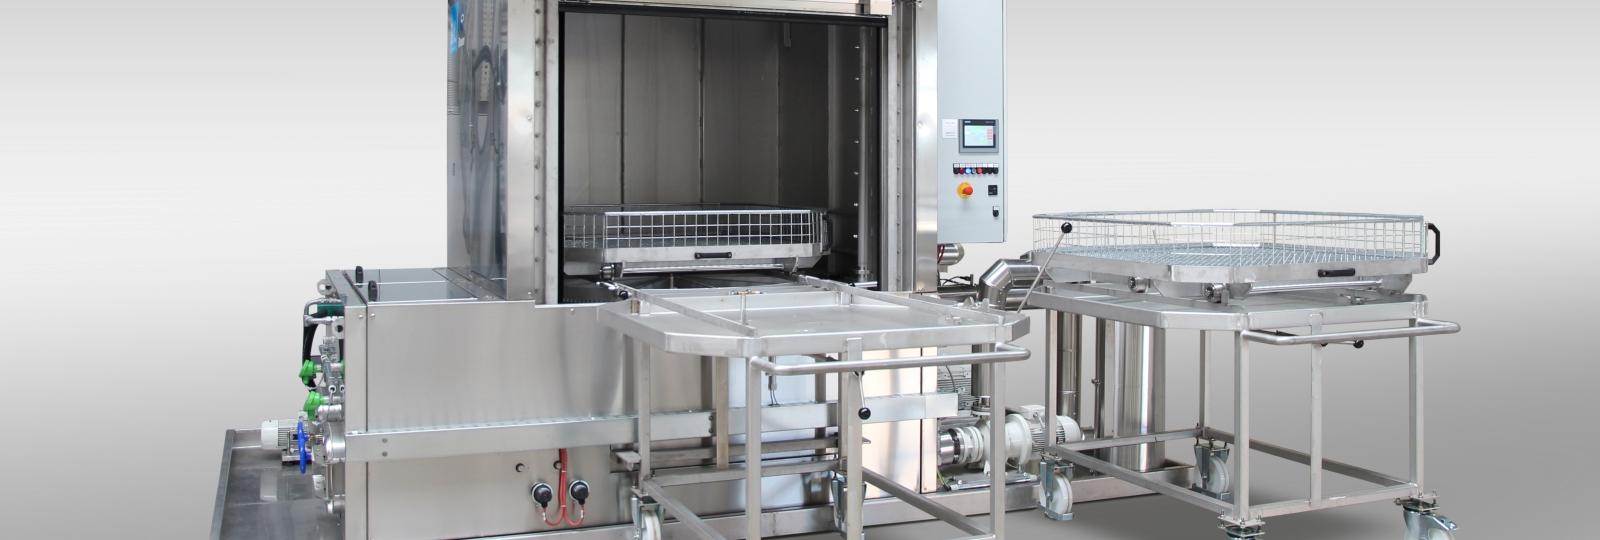 Die große Drehtelleranlage OceanRW/RD der BvL Oberflächentechnik ist eine Spritzreinigungsanlage, ausgelegt für besonders schwere Teile